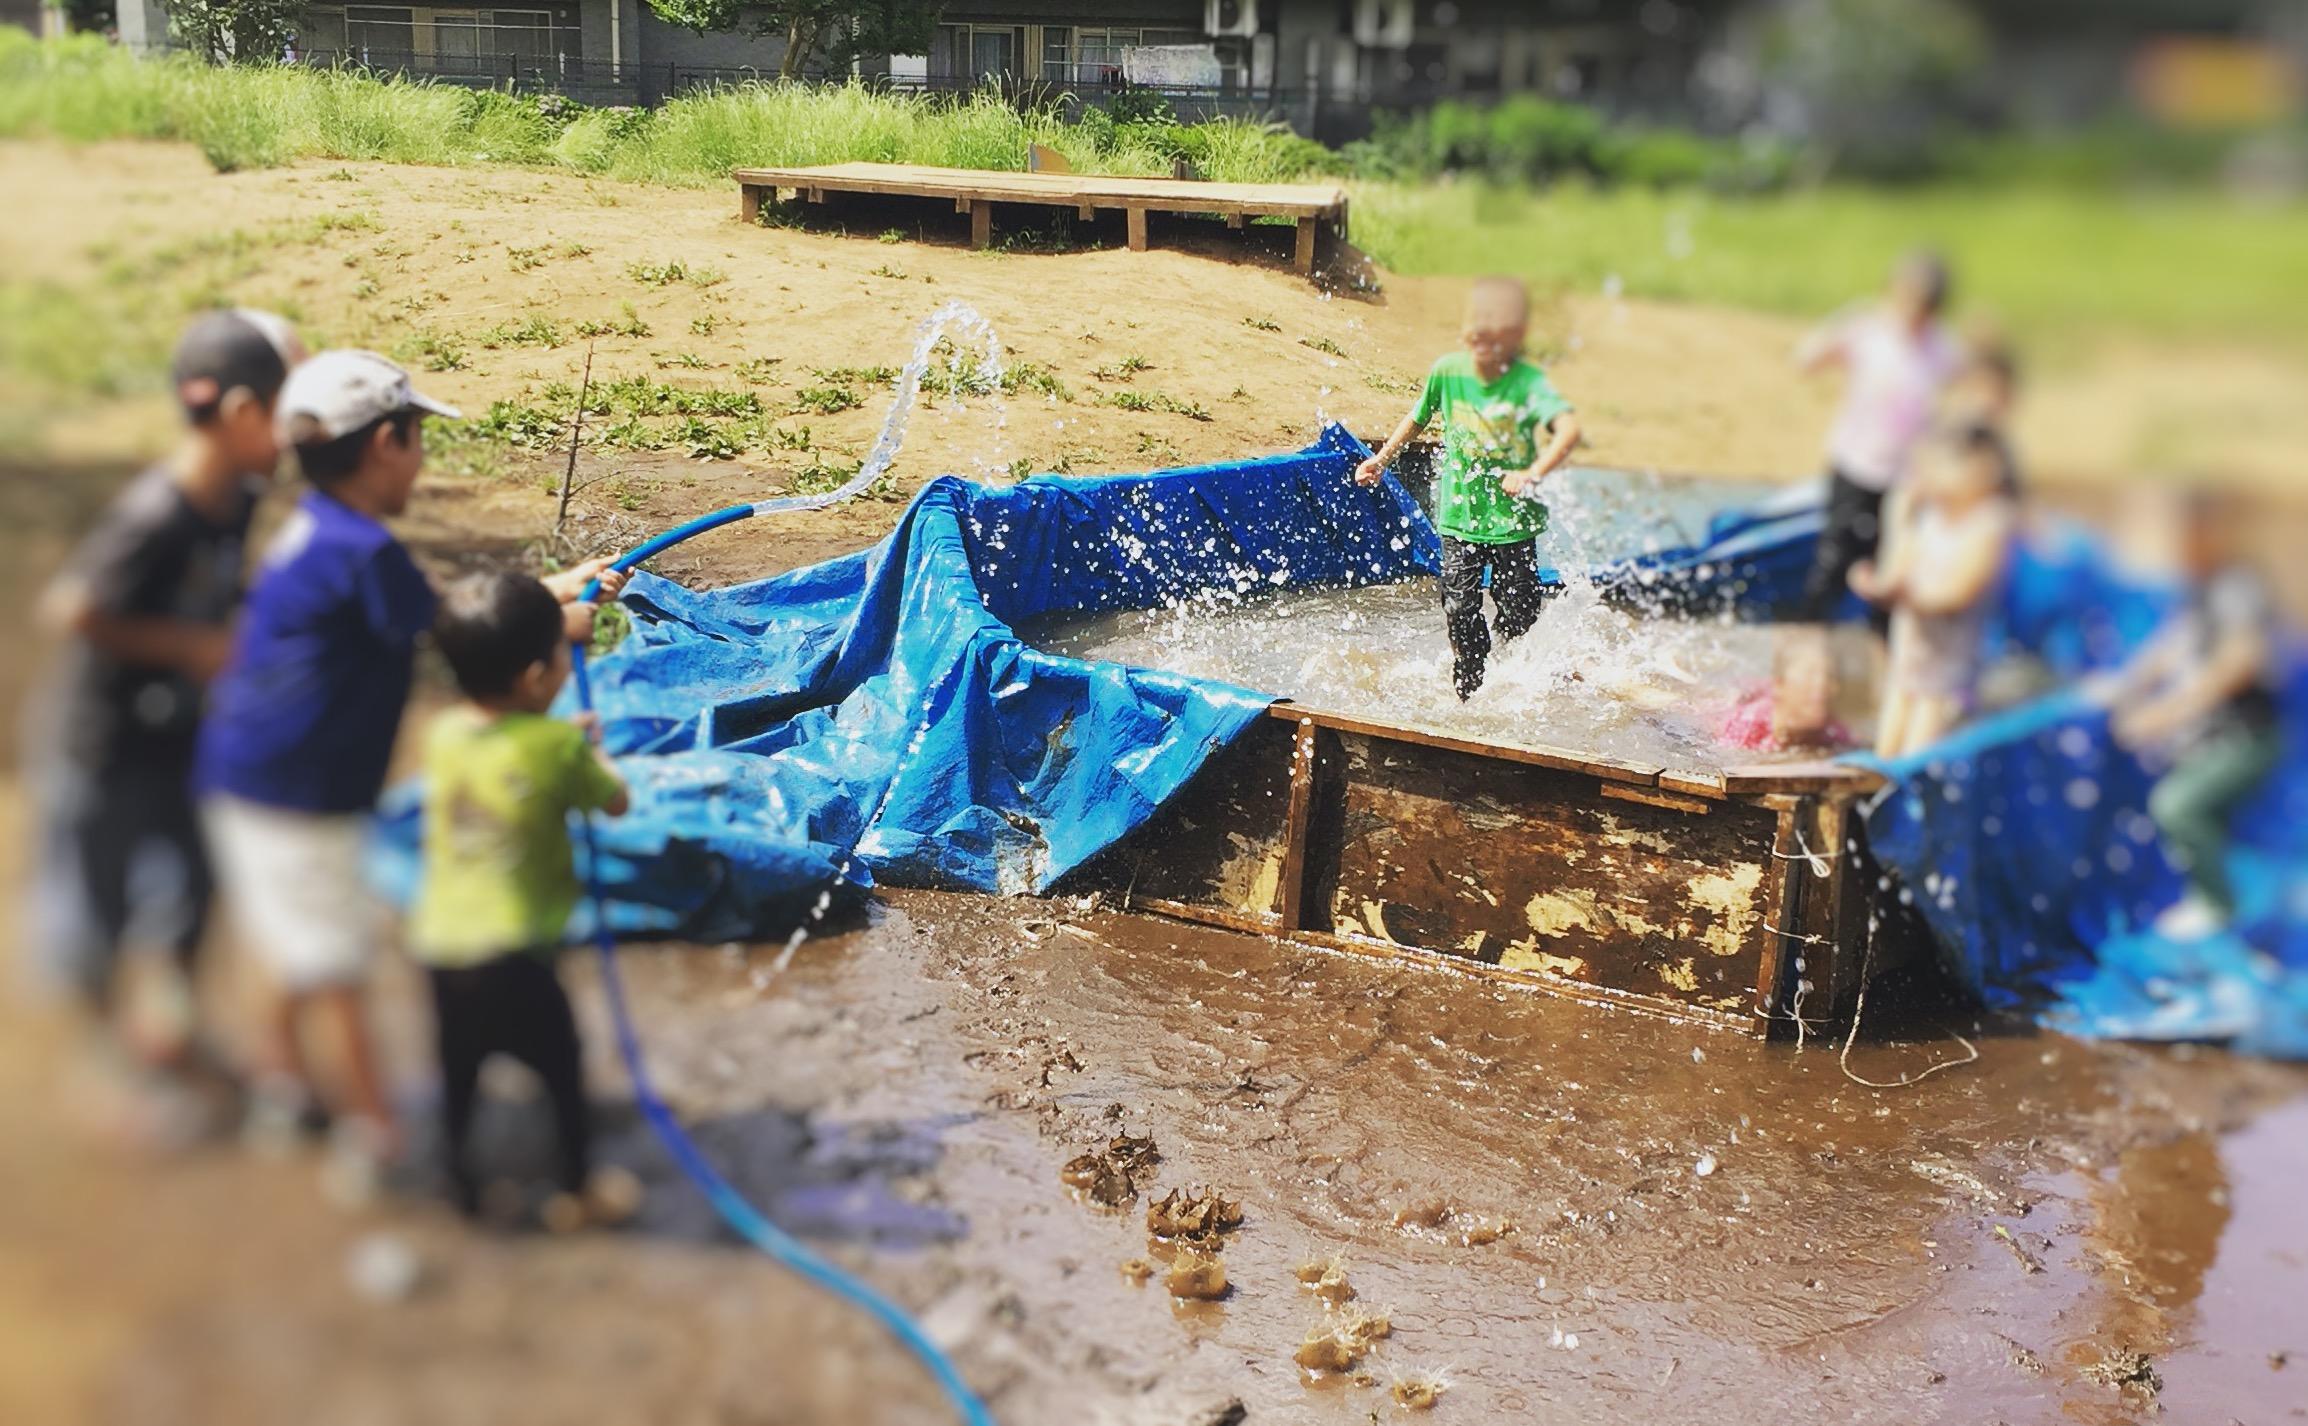 烏山プレーパークで水遊びをしているところ